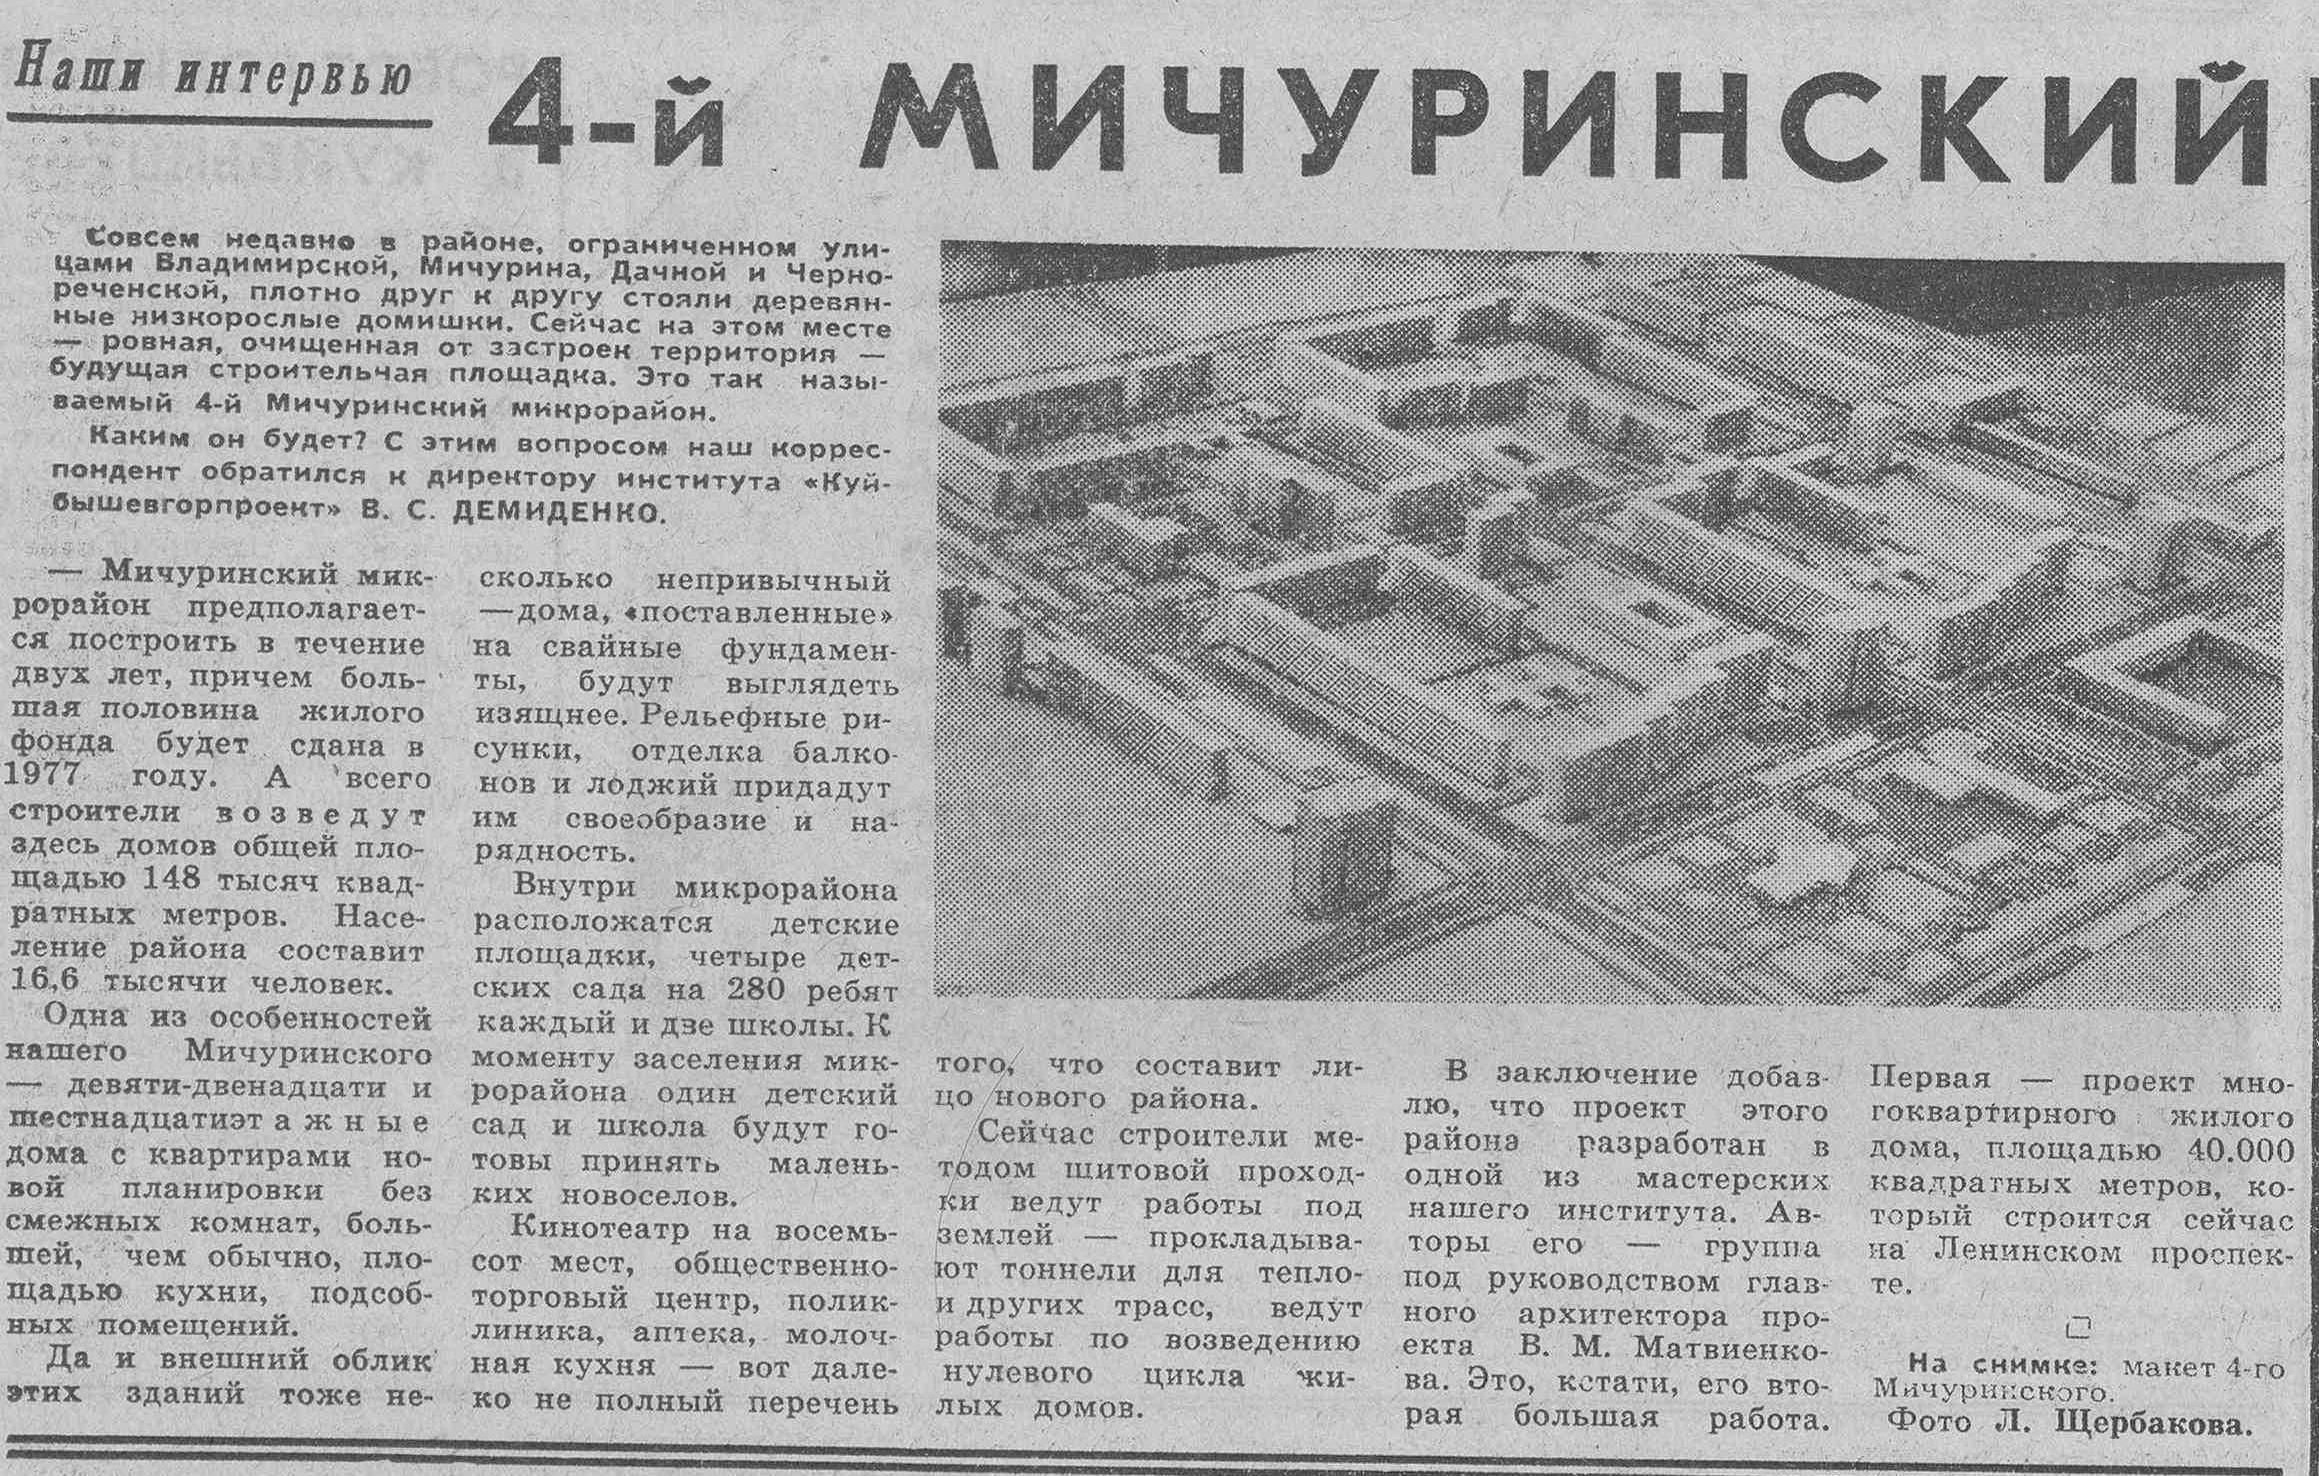 ФОТО-20-Владимирская-ВКа-1977-01-01-про будущий IV Мич.мкр.